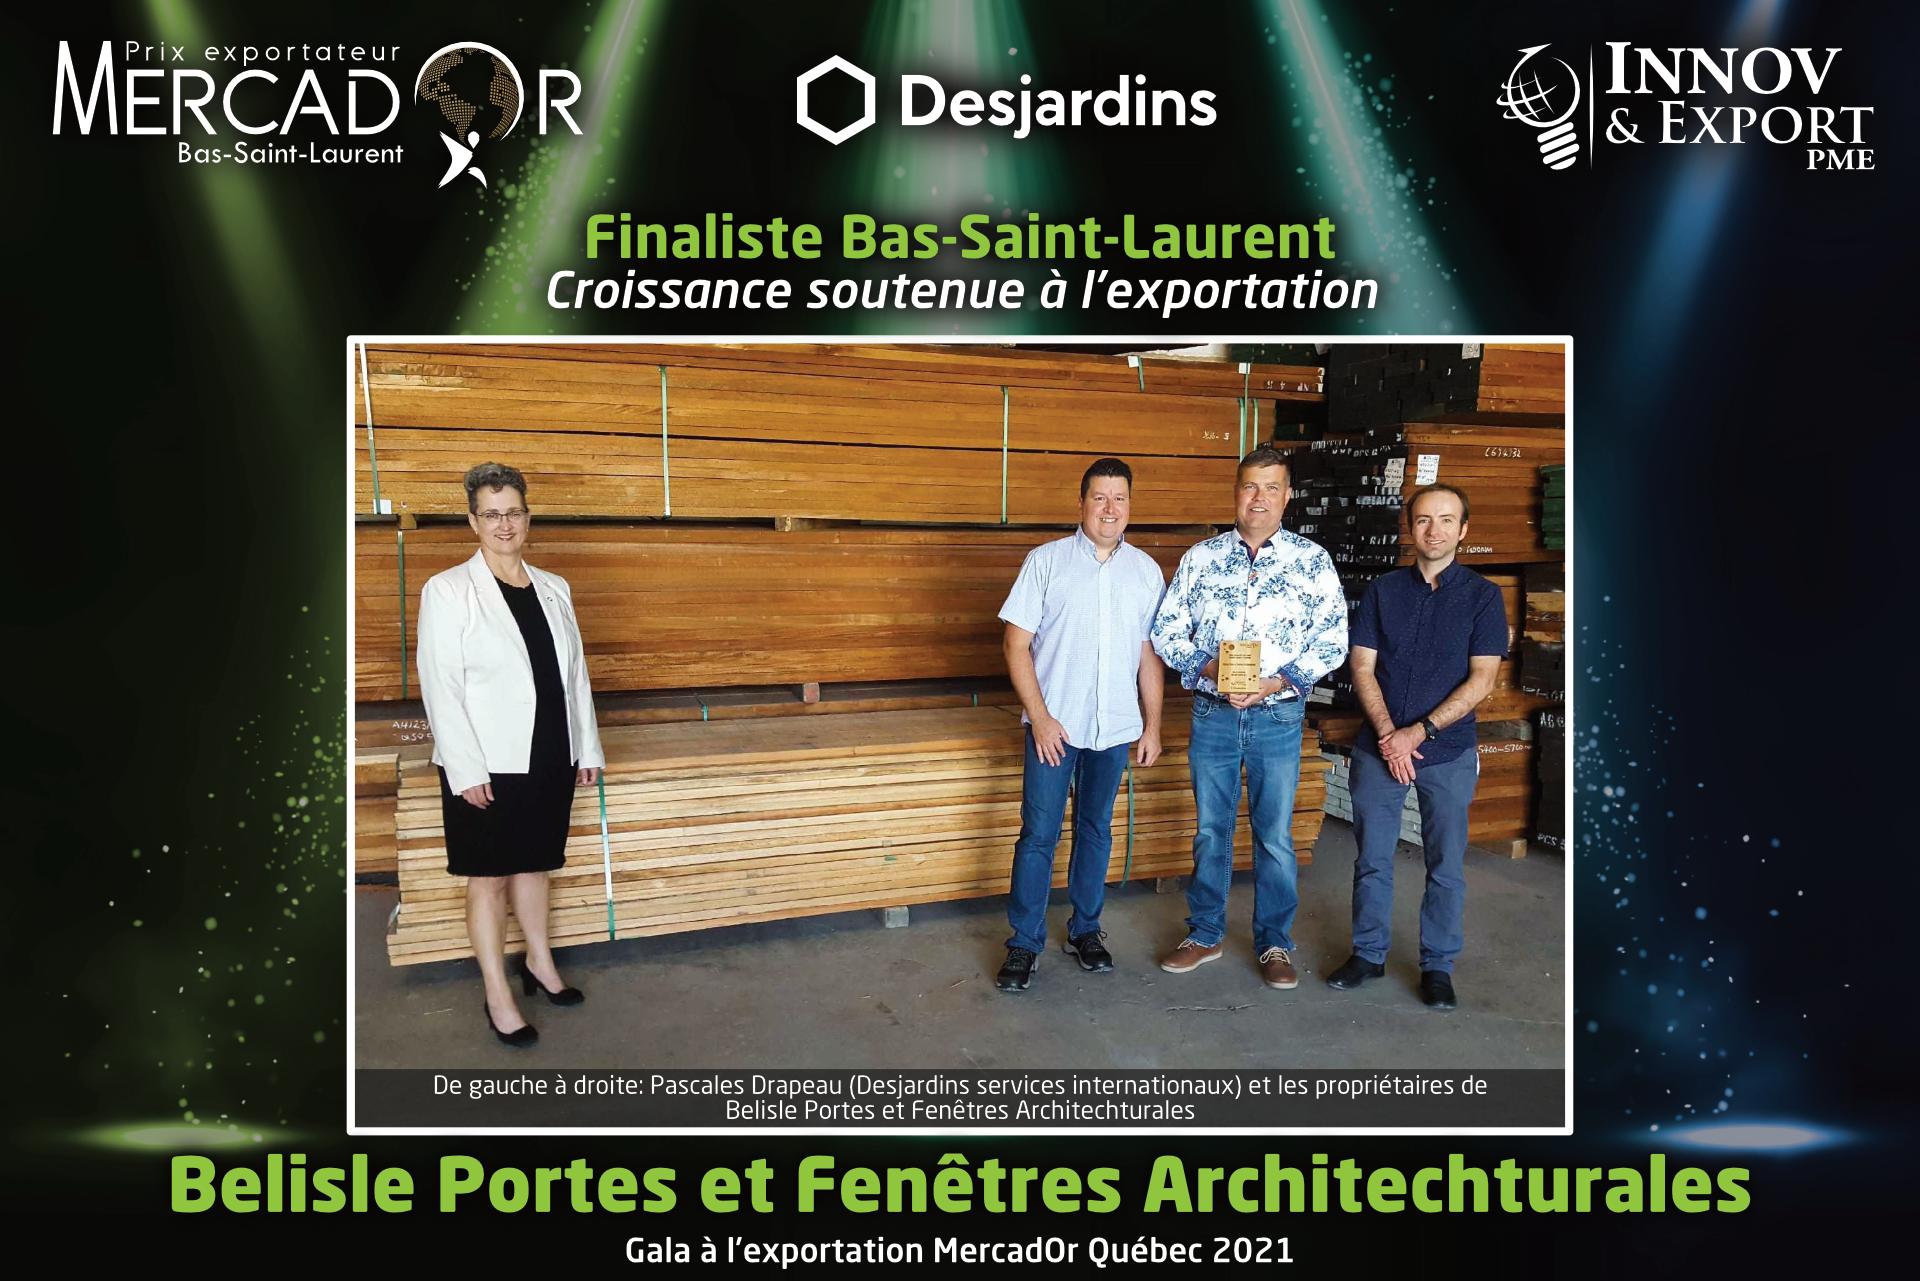 Belisle Portes et Fenêtres Architechturales lauréât Mercador Québec 2021 région Bas-Saint-Laurent catégorie Croissance soutenue à l'exportation